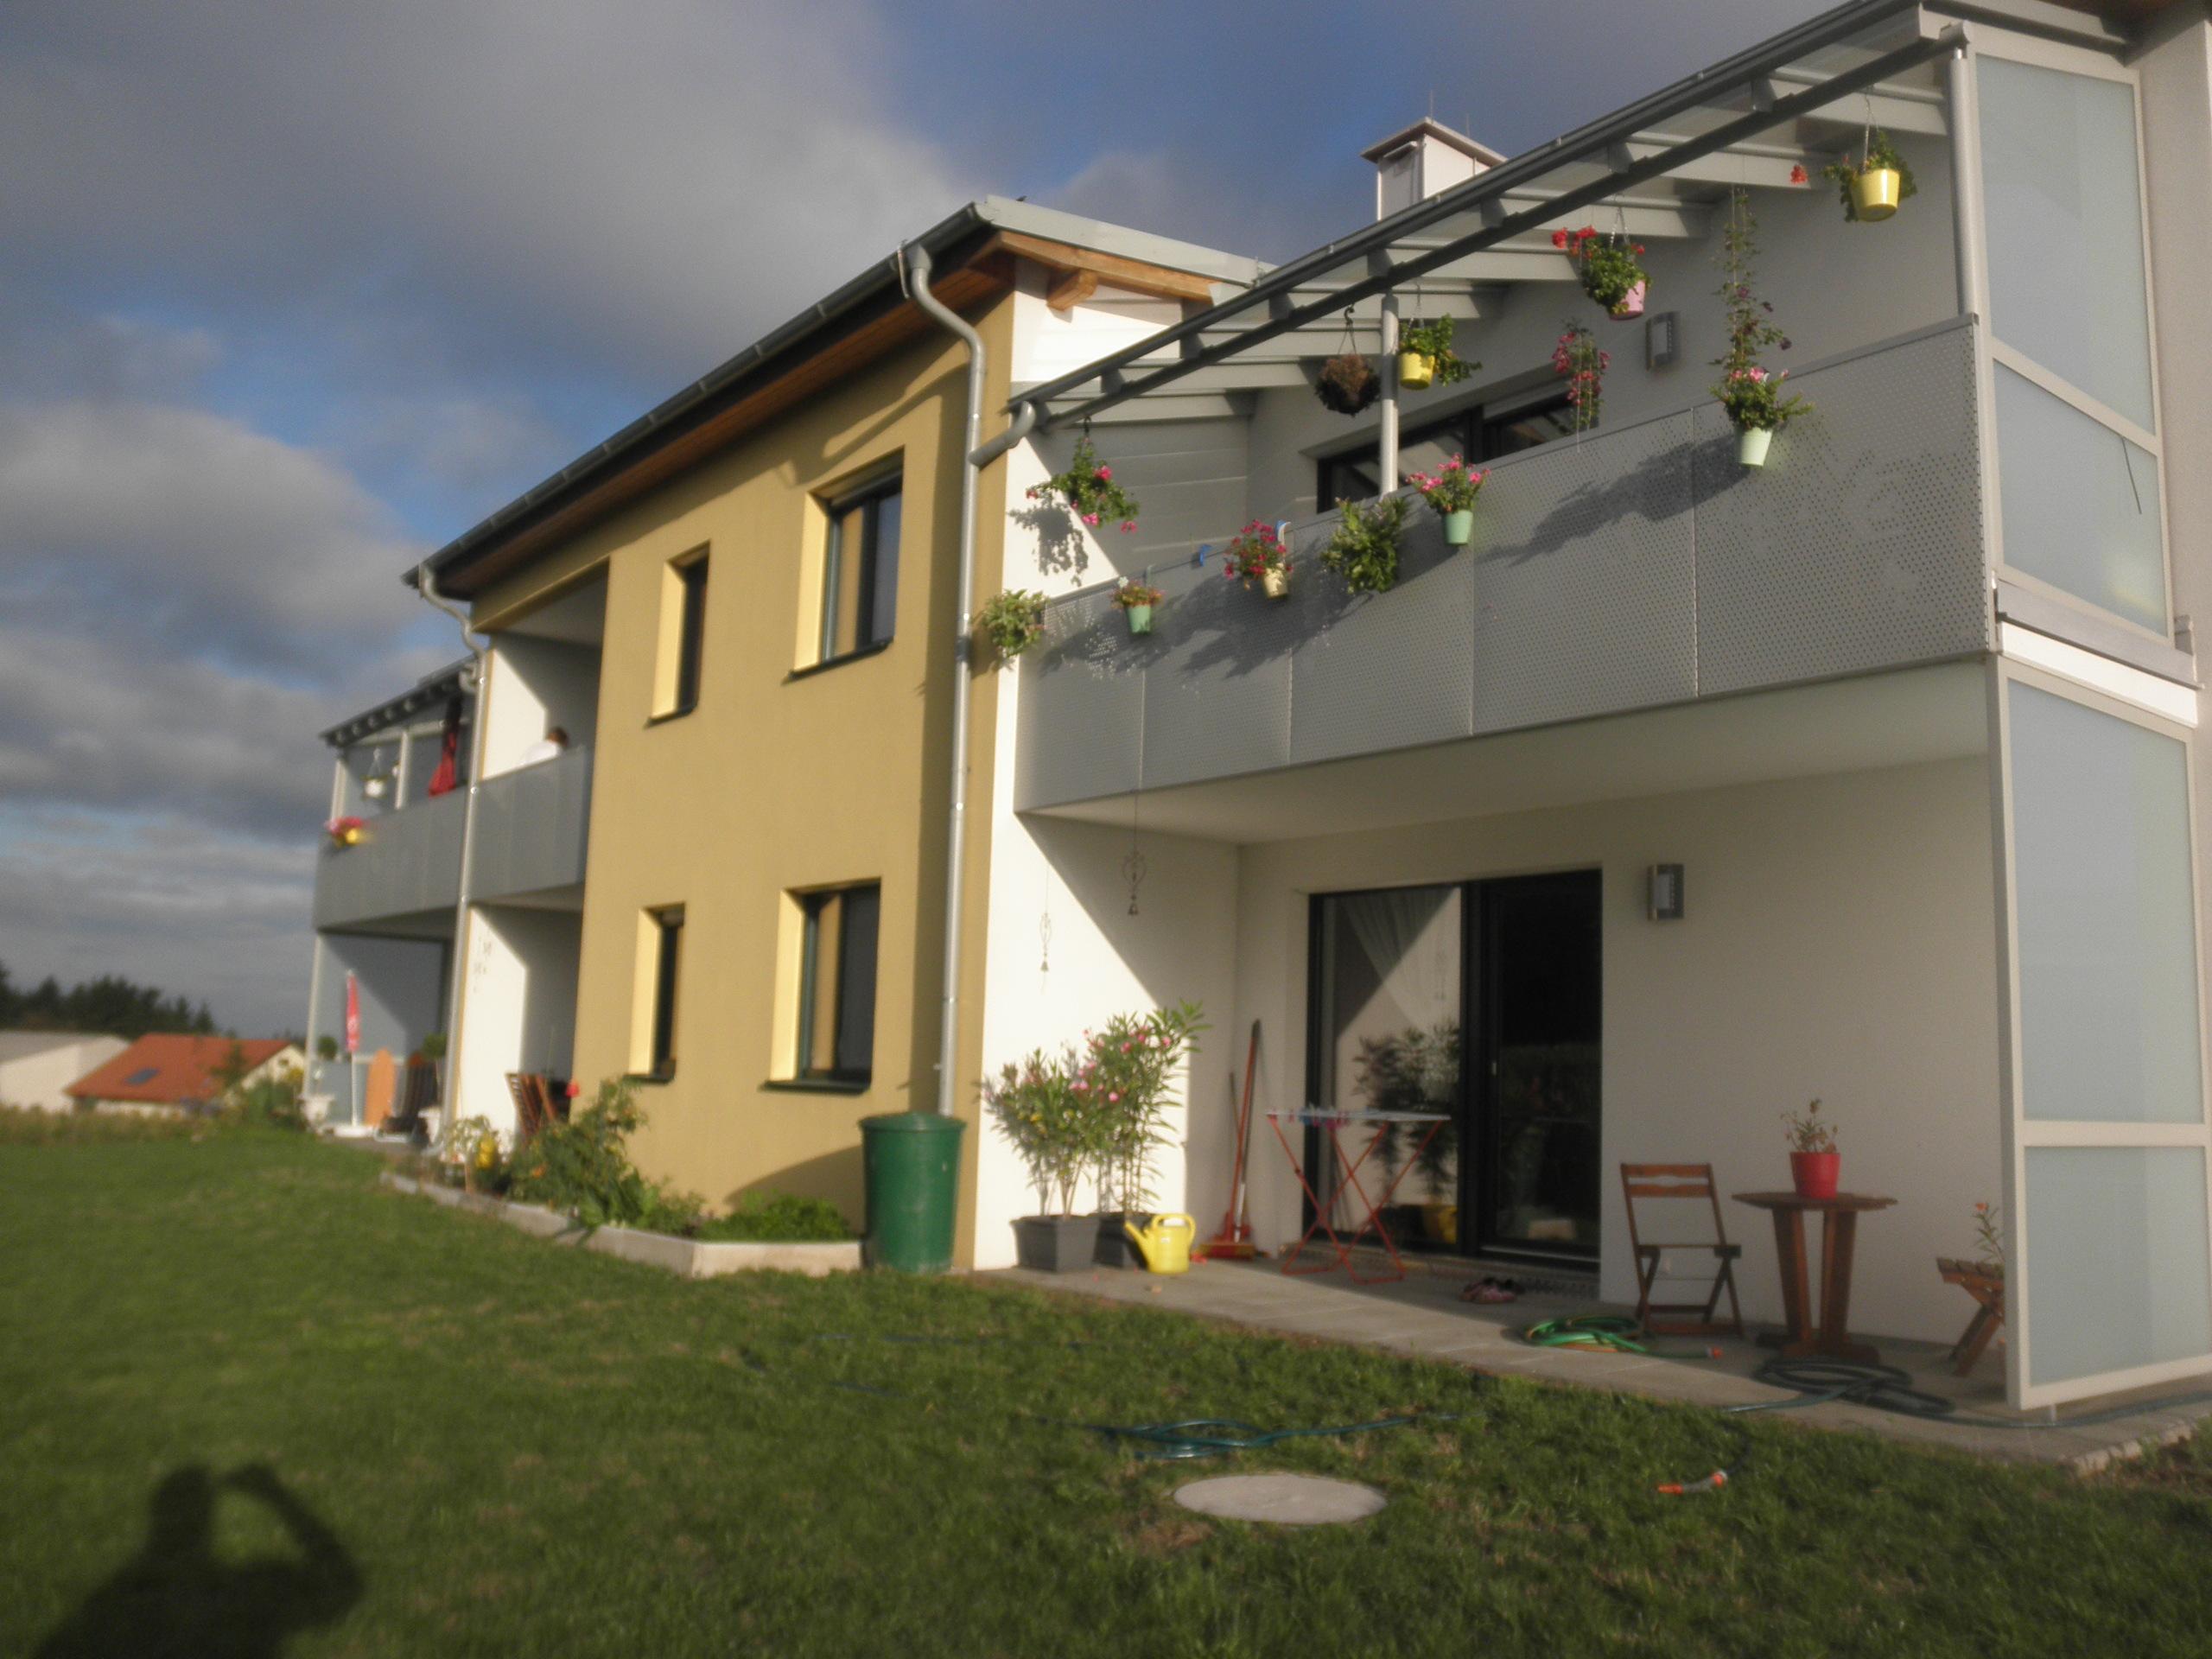 Immobilie von Kamptal in 3572 St. Leonhard am Hornerwald, Krems(Land), St. Leonhard I/2 - Top 202 #12